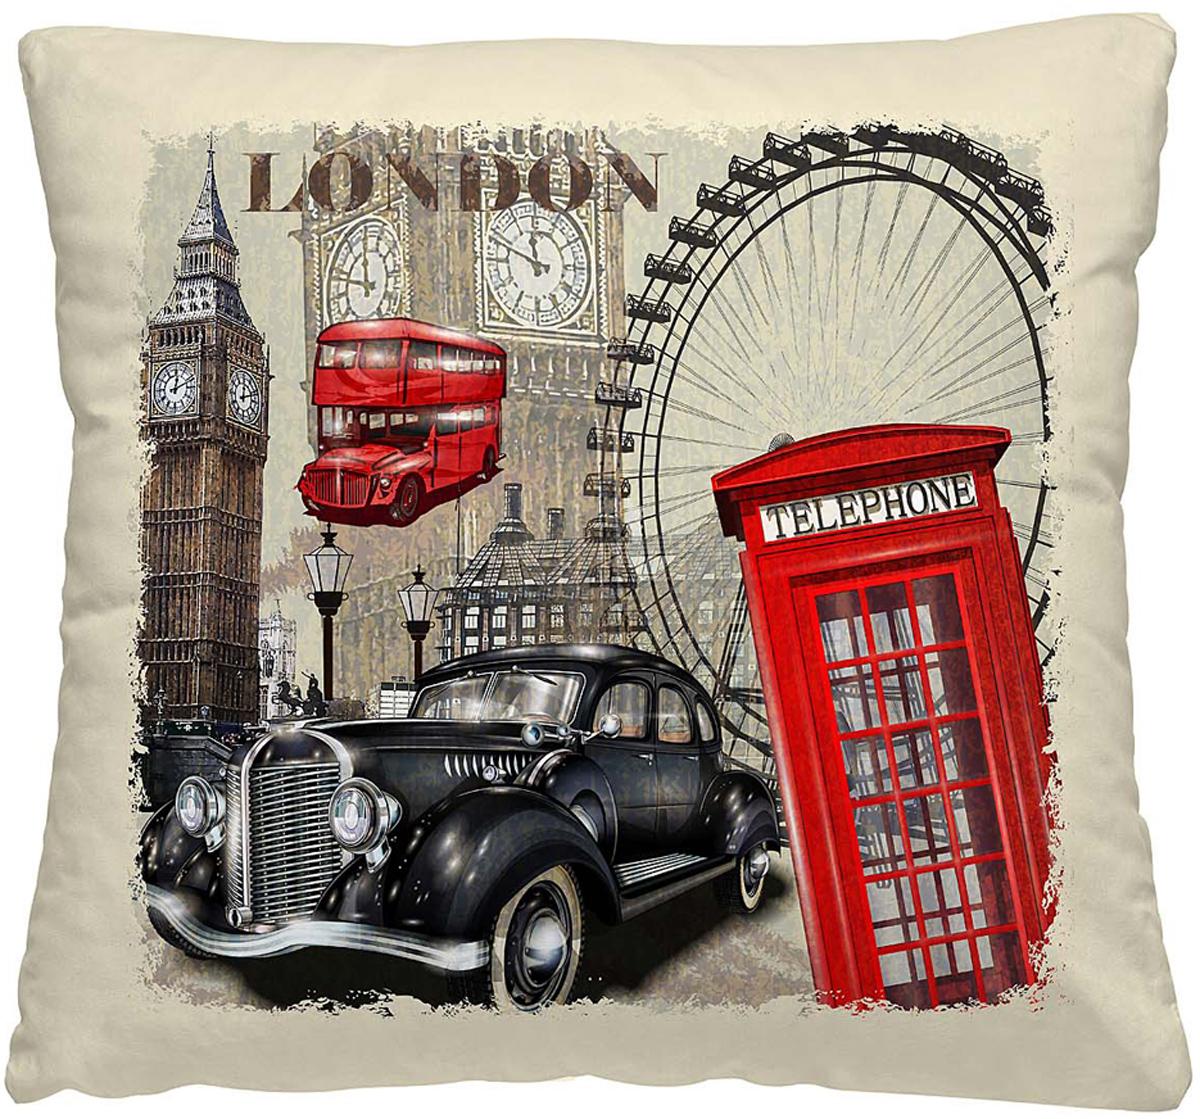 Подушка декоративная Волшебная ночь Лондон, 40 х 40 см197164Декоративная подушка Волшебная ночь прекрасно дополнит интерьер спальни или гостиной. Чехол подушки выполнен из 100% полиэстера.Лицевая сторона украшена красивым рисунком. Наполнитель - полиэстер.Красивая подушка создаст атмосферу уюта в доме и станет прекраснымэлементом декора. Особенности изделия: - Съёмный чехол на молнии; - Наполнитель в индивидуальной наволочке; - Оборотная сторона из стёганого полотна для улучшения формоустойчивости.Размер: 40 x 40 см.